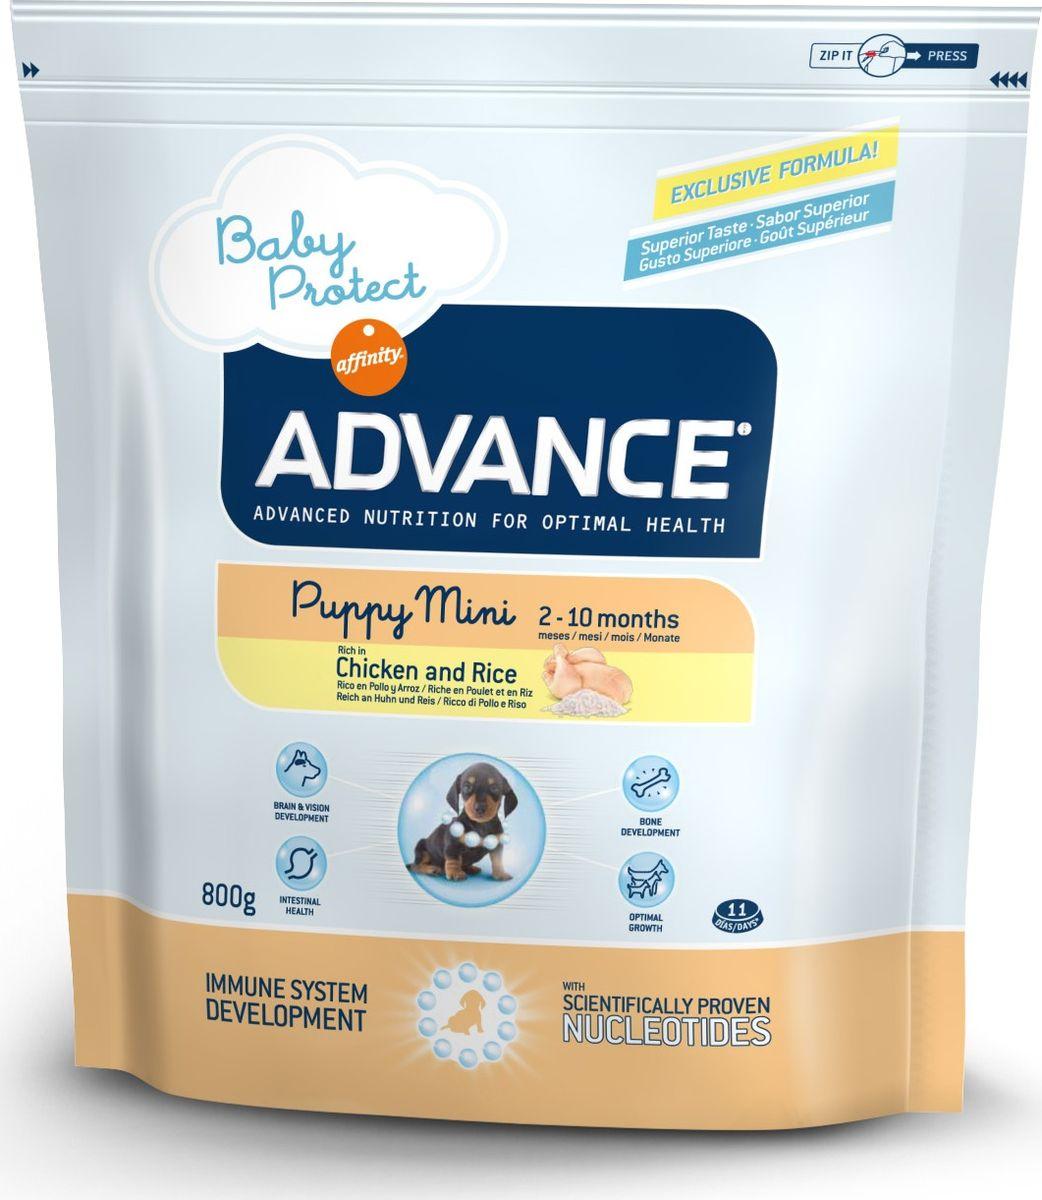 Корм сухой Advance Baby Protect Mini для щенков малых пород с 2 до 10 месяцев, 0,8 кг20714/922209Advance - высококачественный корм супер-премиум класса испанской компании Affinity Petcare, которая занимает лидирующие места на европейском и мировом рынках. Корм разработан с учетом всех особенностей развития и жизнедеятельности собак и кошек. В линейке кормов Advance любой хозяин может подобрать необходимое питание в соответствии с возрастом и уникальными особенностями своего животного, а также в случае назначения специалистами ветеринарной диеты. Affinity Petcare имеет собственную лабораторию, а также сотрудничает с множеством международных исследовательских центров, благодаря чему специалисты постоянно совершенствуют рецептуру и полезные свойства своих кормов. В составе главным источником белка является СВЕЖЕЕ мясо, благодаря которому корм обладает высокими вкусовыми качествами, а также высокой питательной ценностью. Advance Baby Protect Mini - высококачественный сбалансированный корм, специально разработанный для щенков (от 2 до 8 месяцев) мини-пород (вес взрослой собаки до 10 кг), а также для беременных и кормящих собак. Эксклюзивная формула, содержащая нуклеотиды, которая помогает повысить эффективность репликации клеток и обеспечивает оптимальное развитие тканей растущих щенков. Ускоренный эффект репликации клеток позволяет активизировать иммунную систему, усиливая защитный барьер организма против бактерий, вирусов и других патогенов. Корм с содержанием пребиотиков, пробиотиков и иммуноглобулинами для правильного развития и защиты желудочно-кишечного тракта.Состав: курица (20%), рис (17%), дегидрированное мясо курицы, мука из маиса, животный жир, маис, пшеница, гидролизованный белок животного происхождения, свекольный жом, рыбий жир, яичный порошок, дрожжи, плазменный протеин, хлористый калий, соль, трикальцийфосфат, нуклеотиды.Анализ: протеин 30%, жиры 21%, сырые волокна 2,5%, неорганическое вещество 7%, кальций 1,2%, фосфор 1%, влажность 8%.Энергетическая ценн